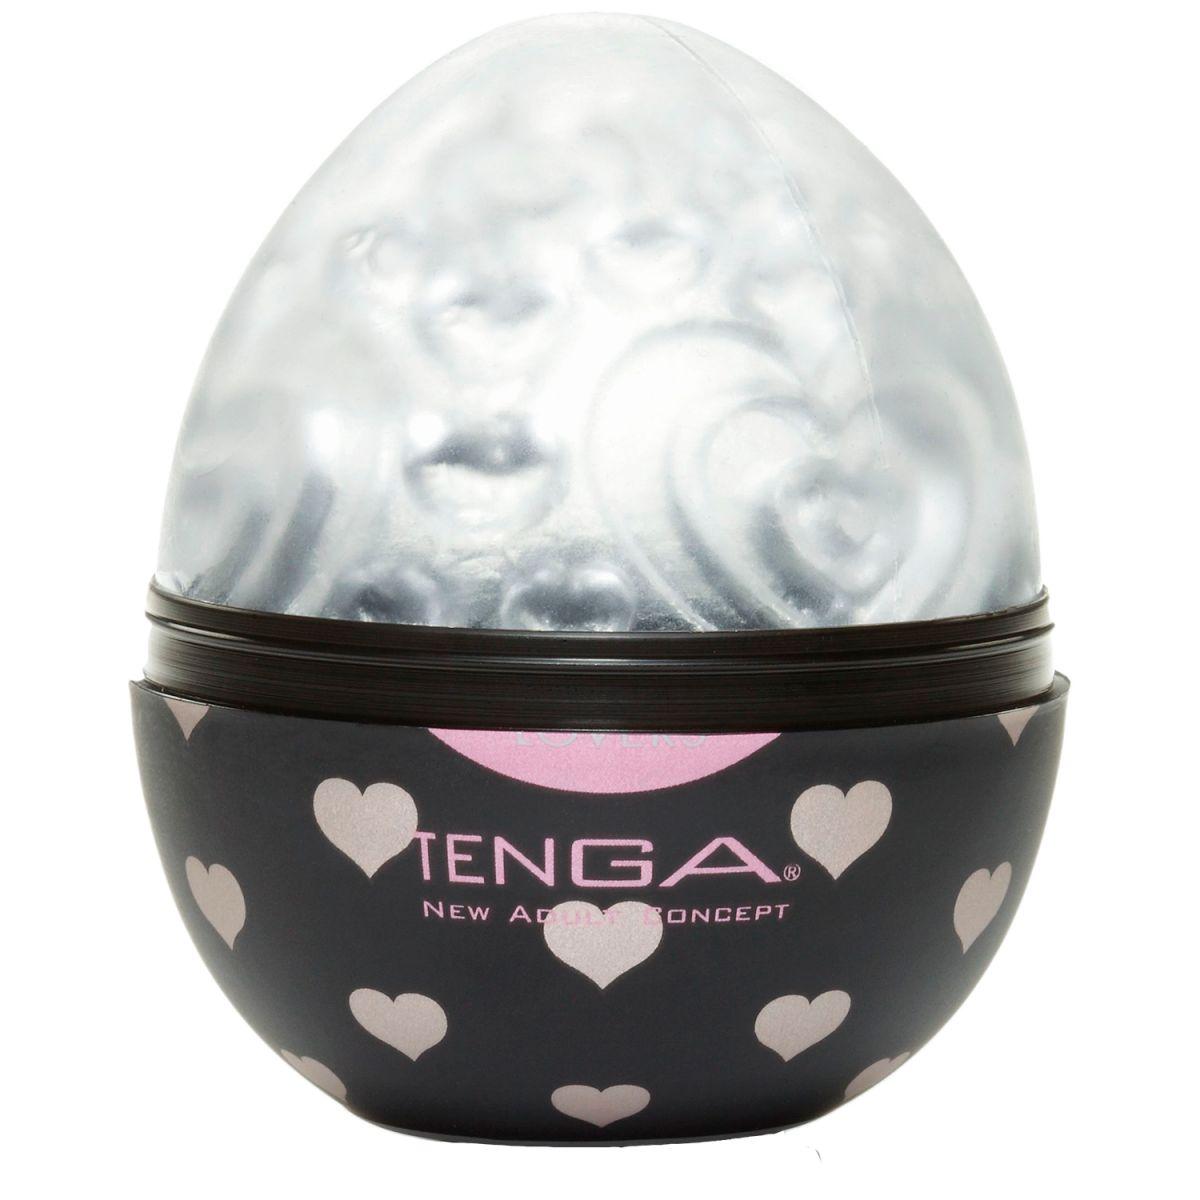 TENGA Egg Easy Beat Håndjobb for Menn  2